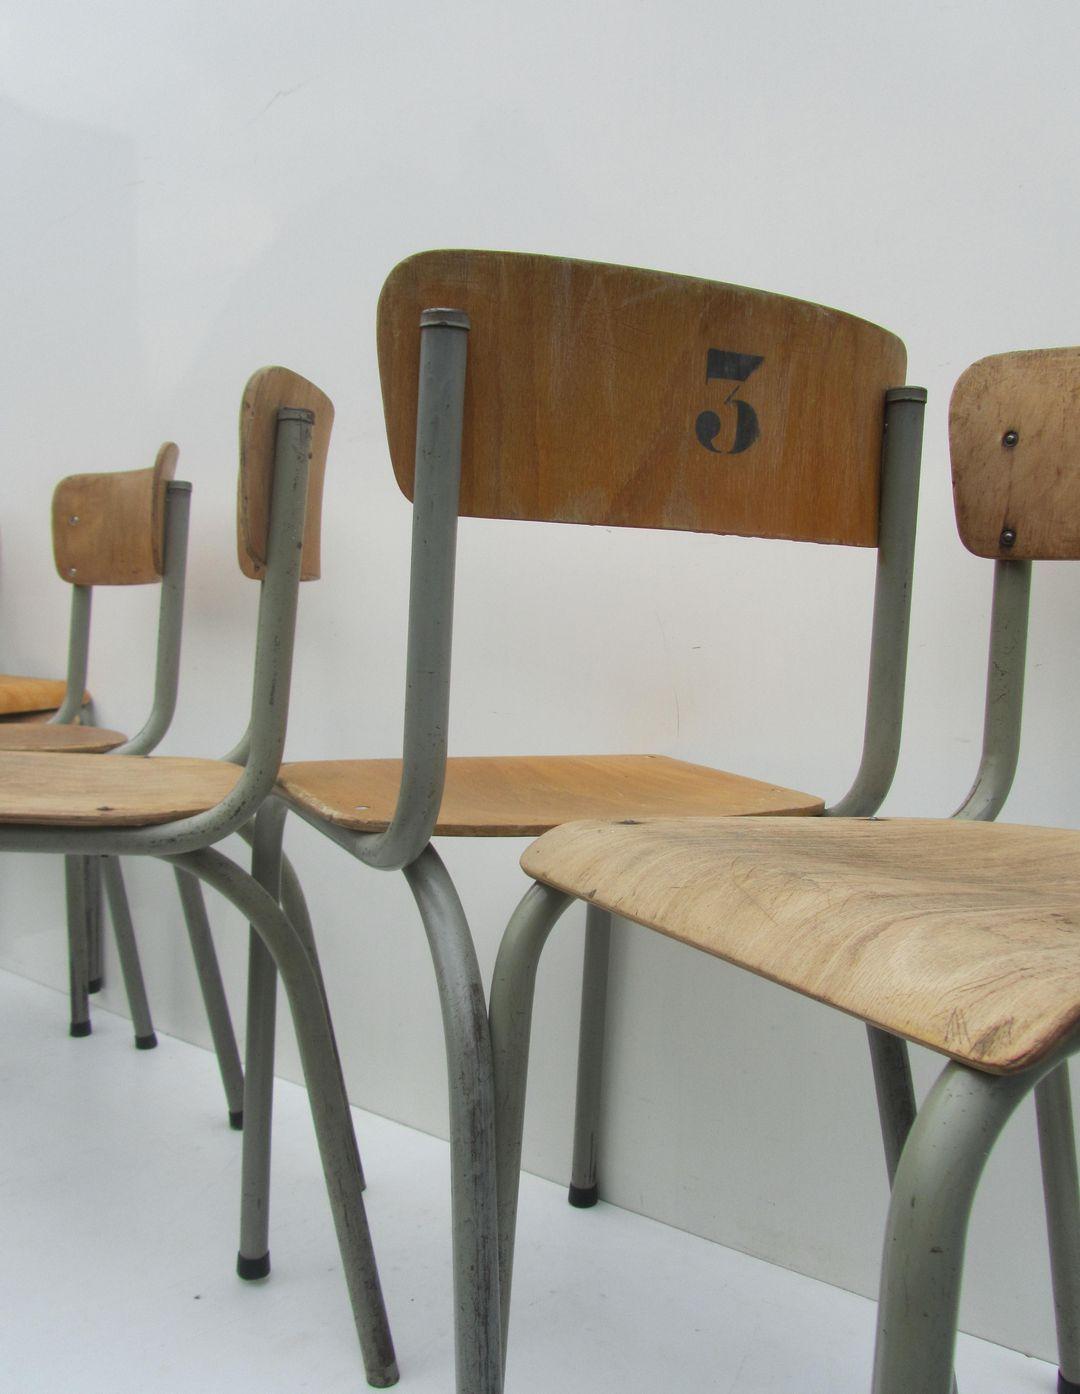 Buisframe Stoelen Vintage.Schoolstoelen Industriele Vintage Buisframe Stoelen Tubax